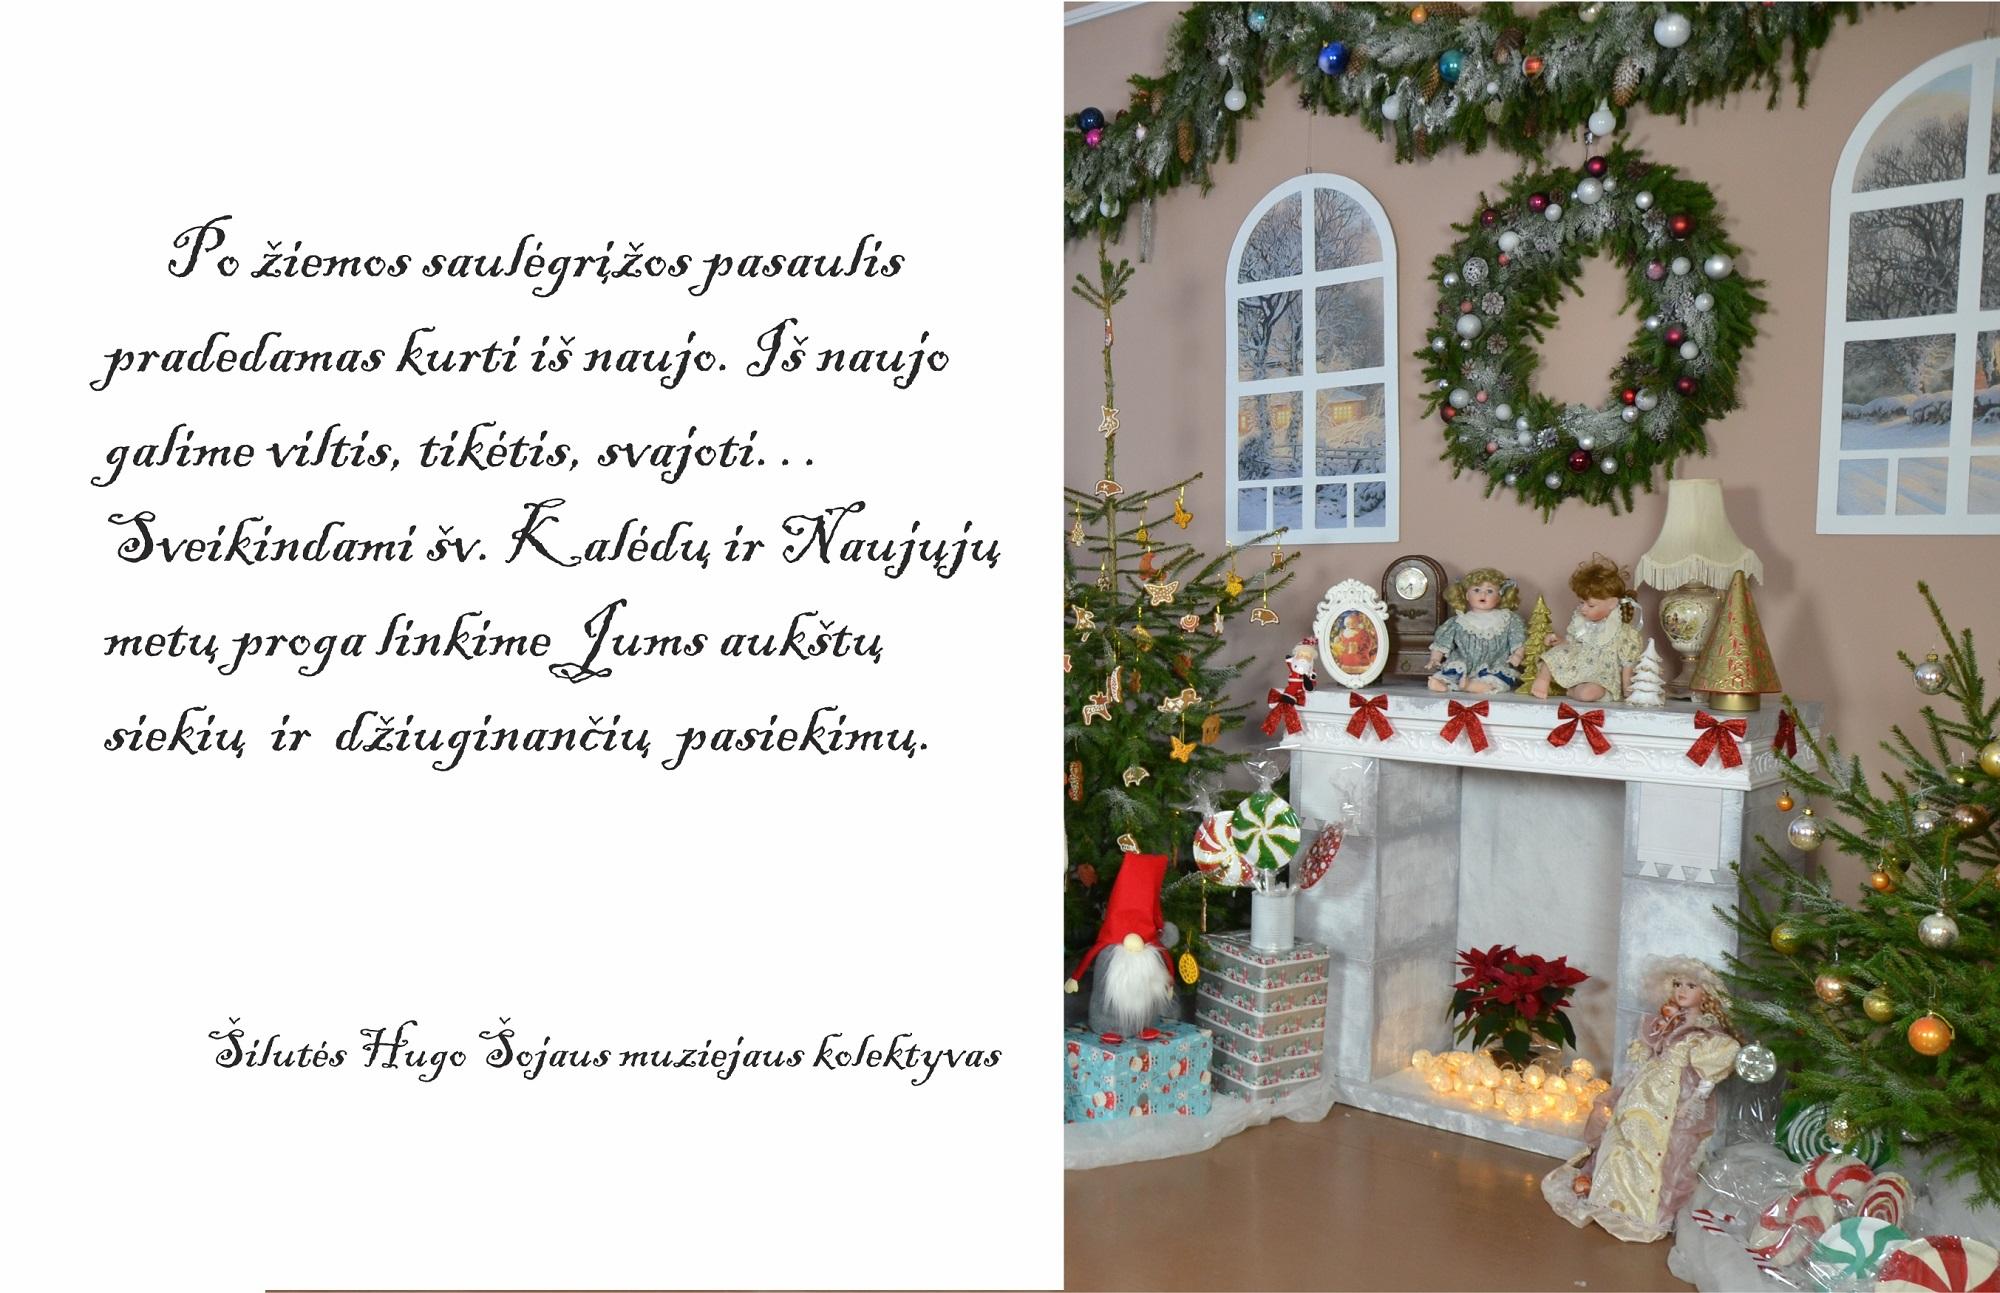 Sveikiname šv. Kalėdų ir Naujųjų metų proga